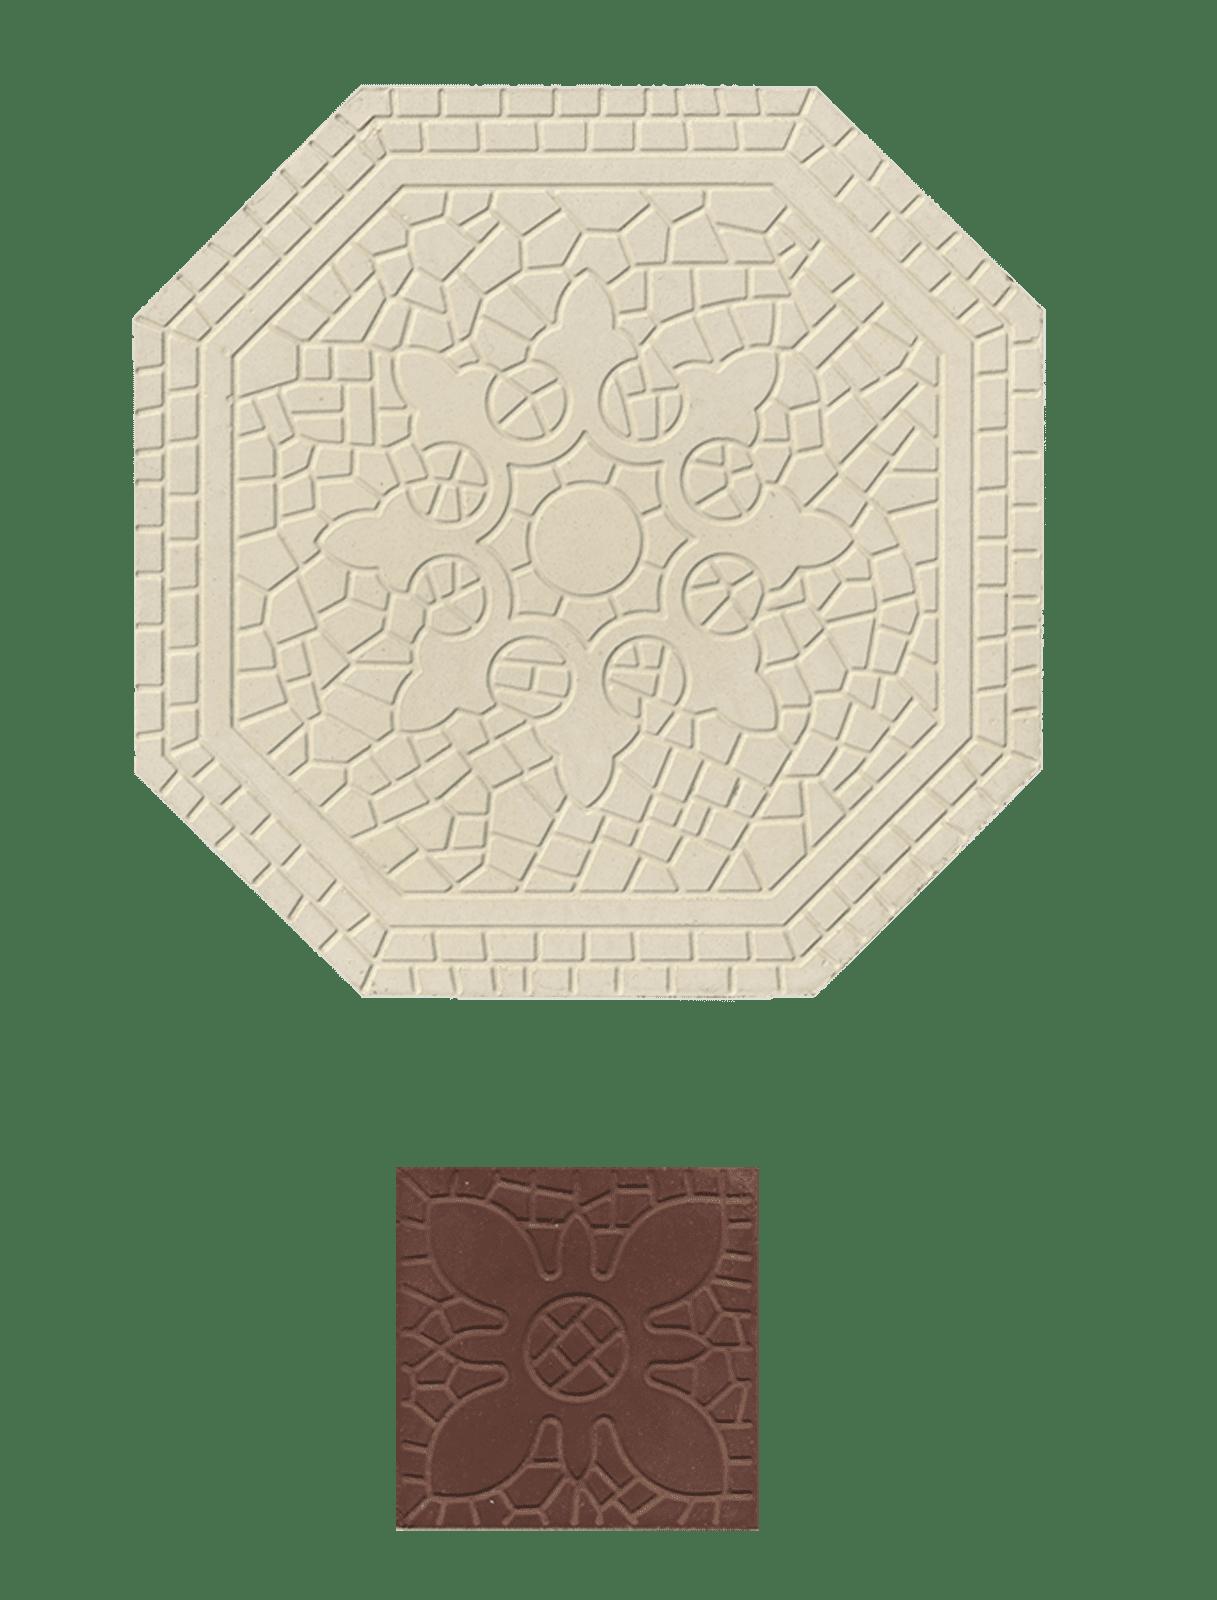 zementmosaikfliesen-nummer-51041-Einleger-viaplatten | 51041/170